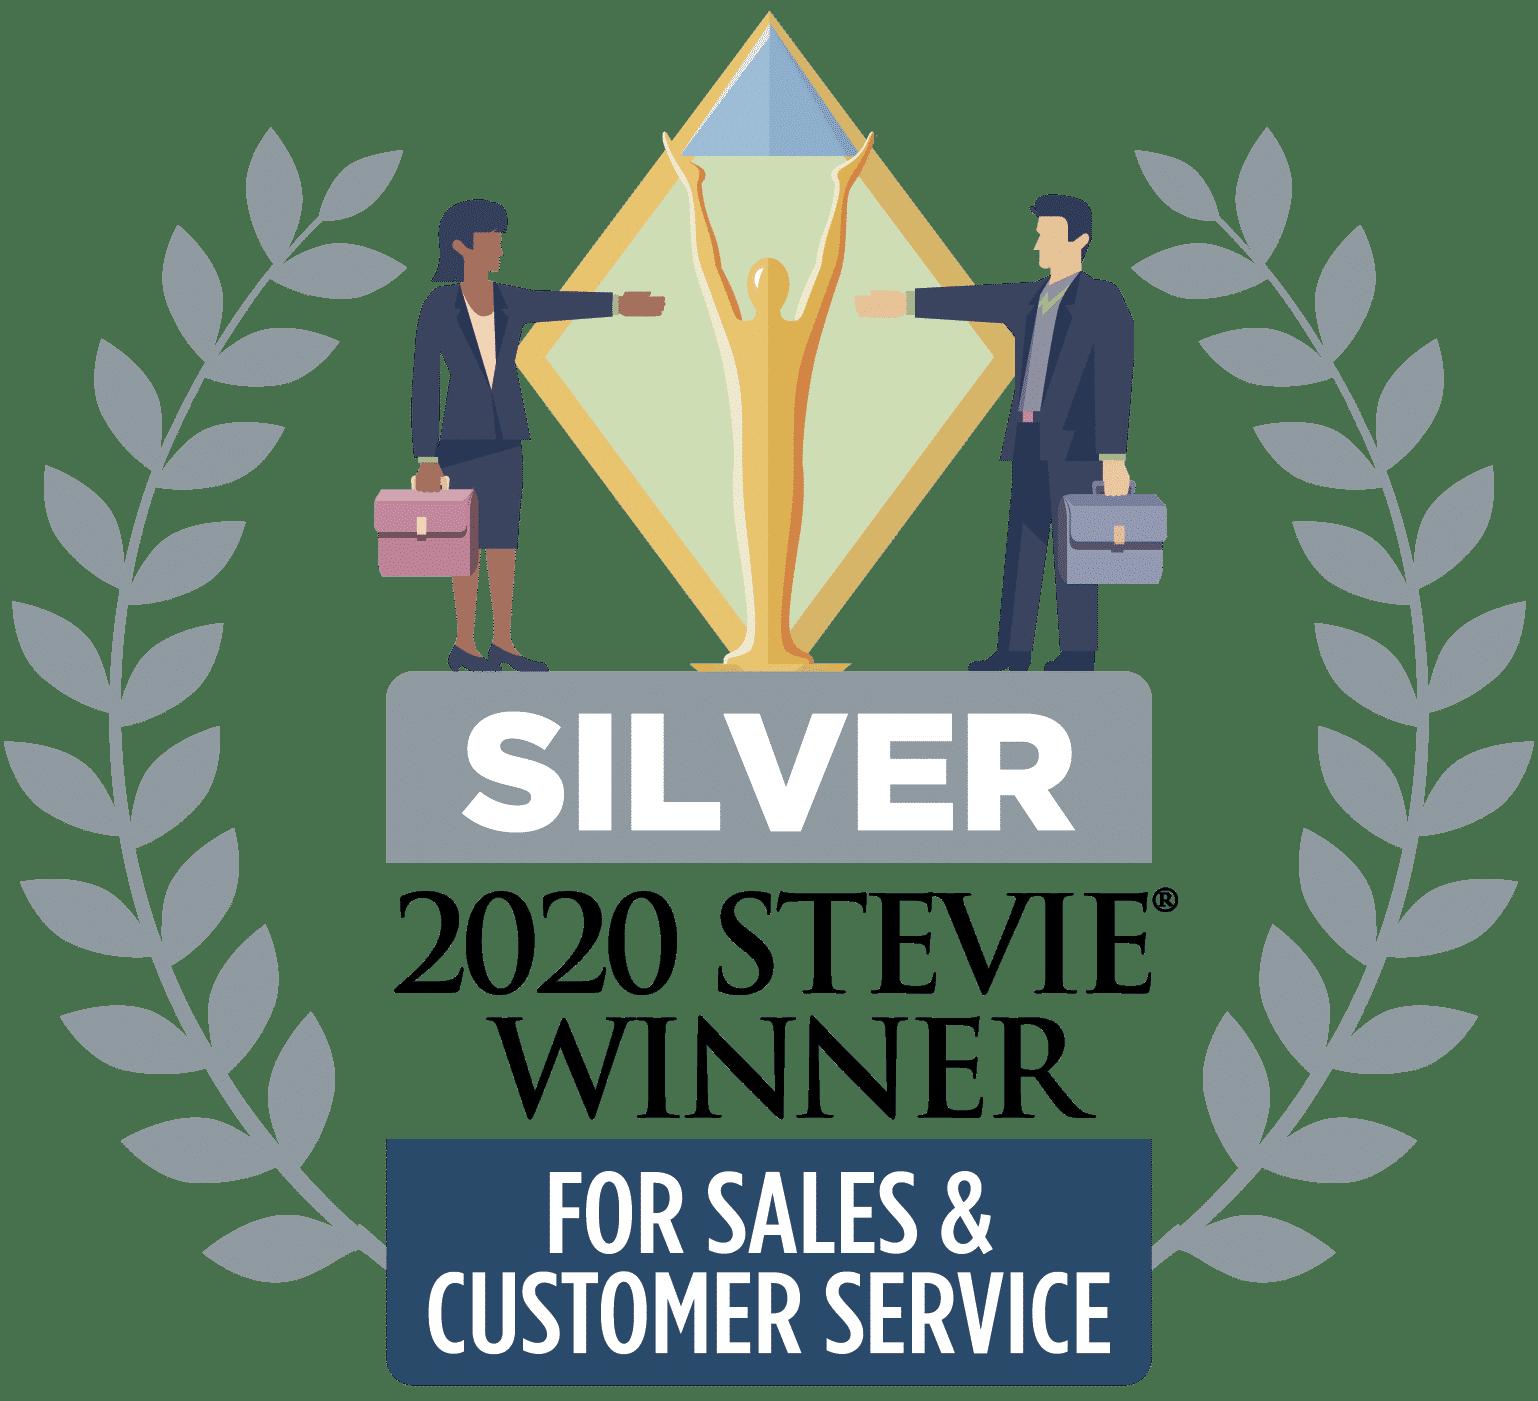 Netigate har utsetts till silverpristagare i Stevie Awards - Årets kundserviceteam